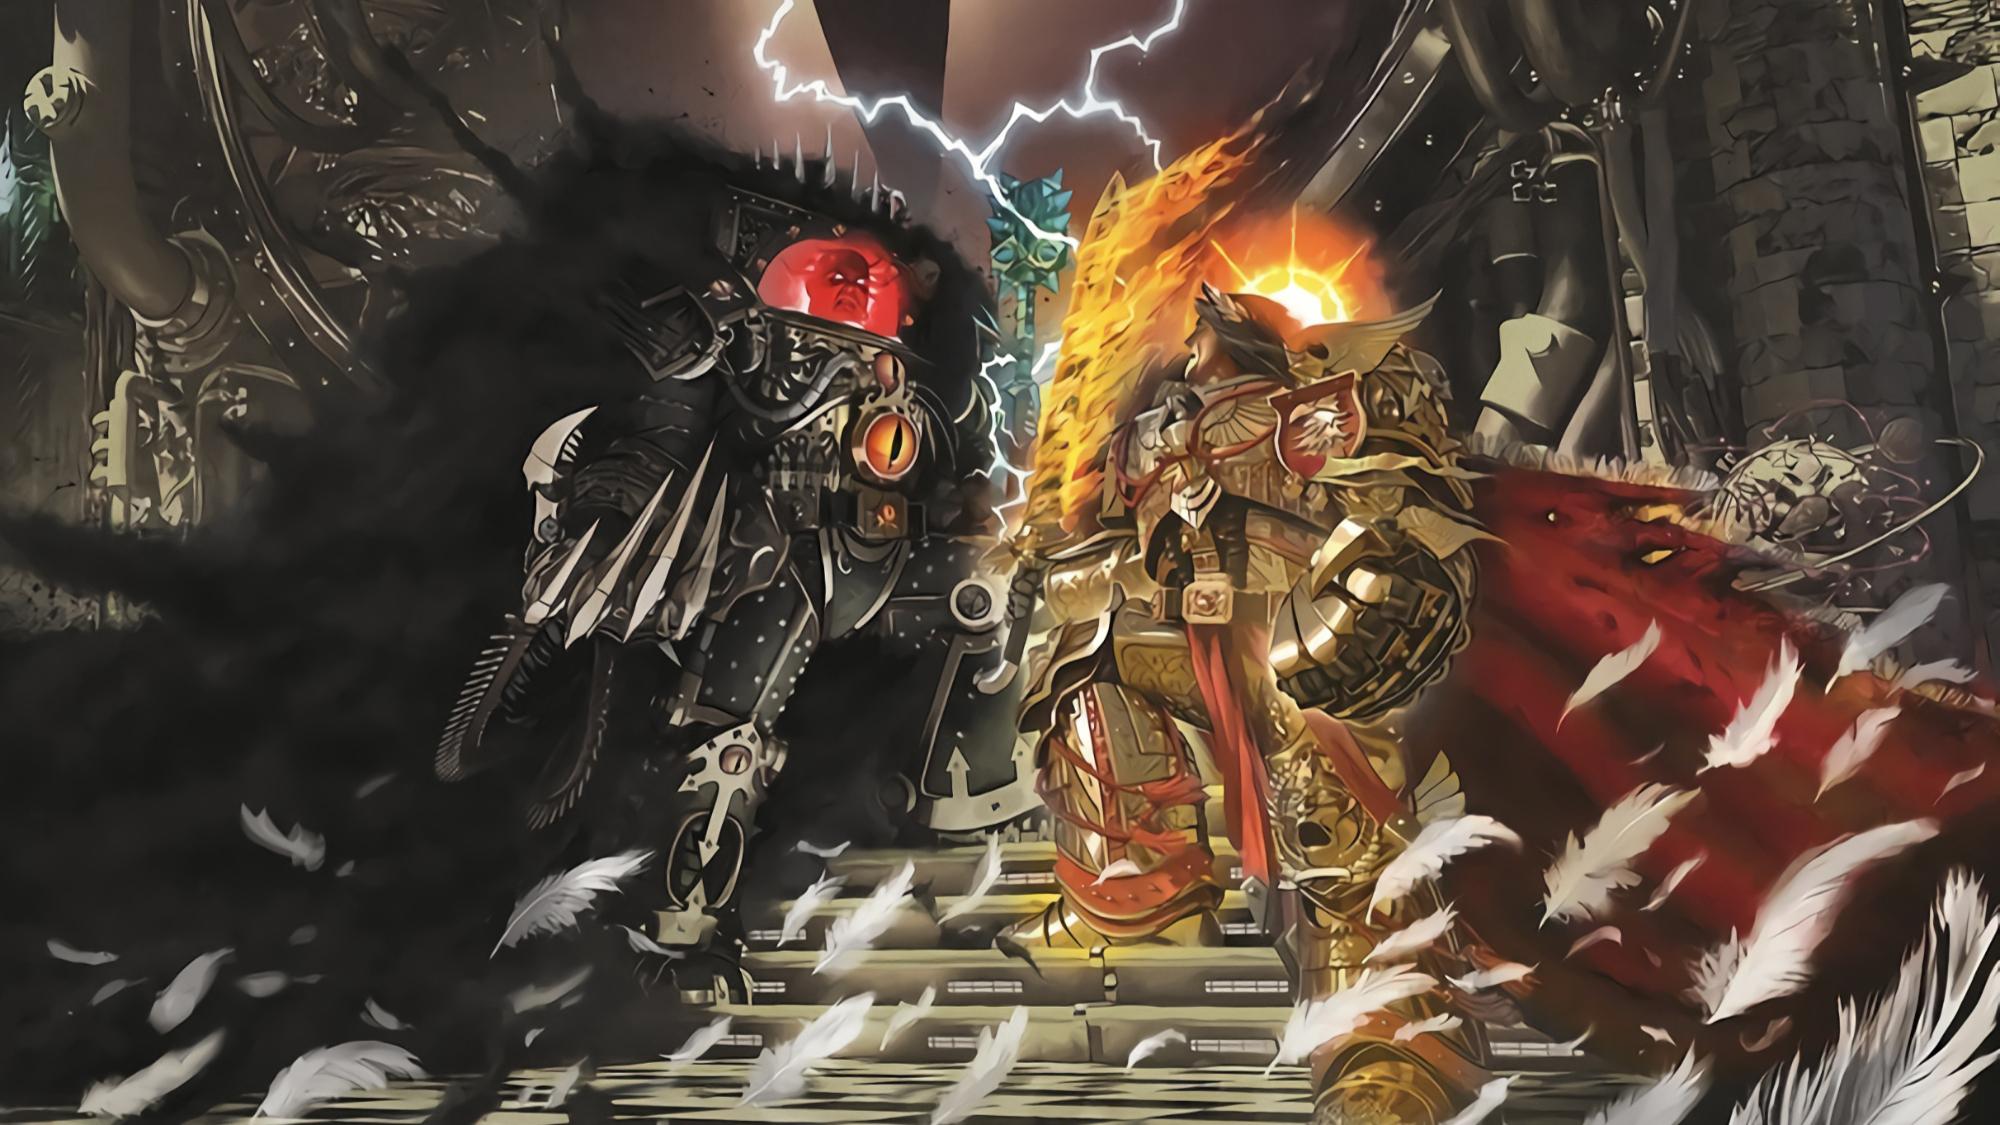 【达奇】忠诚的利刃 誓斩篡位者之头颅《战锤40K》背后的故事